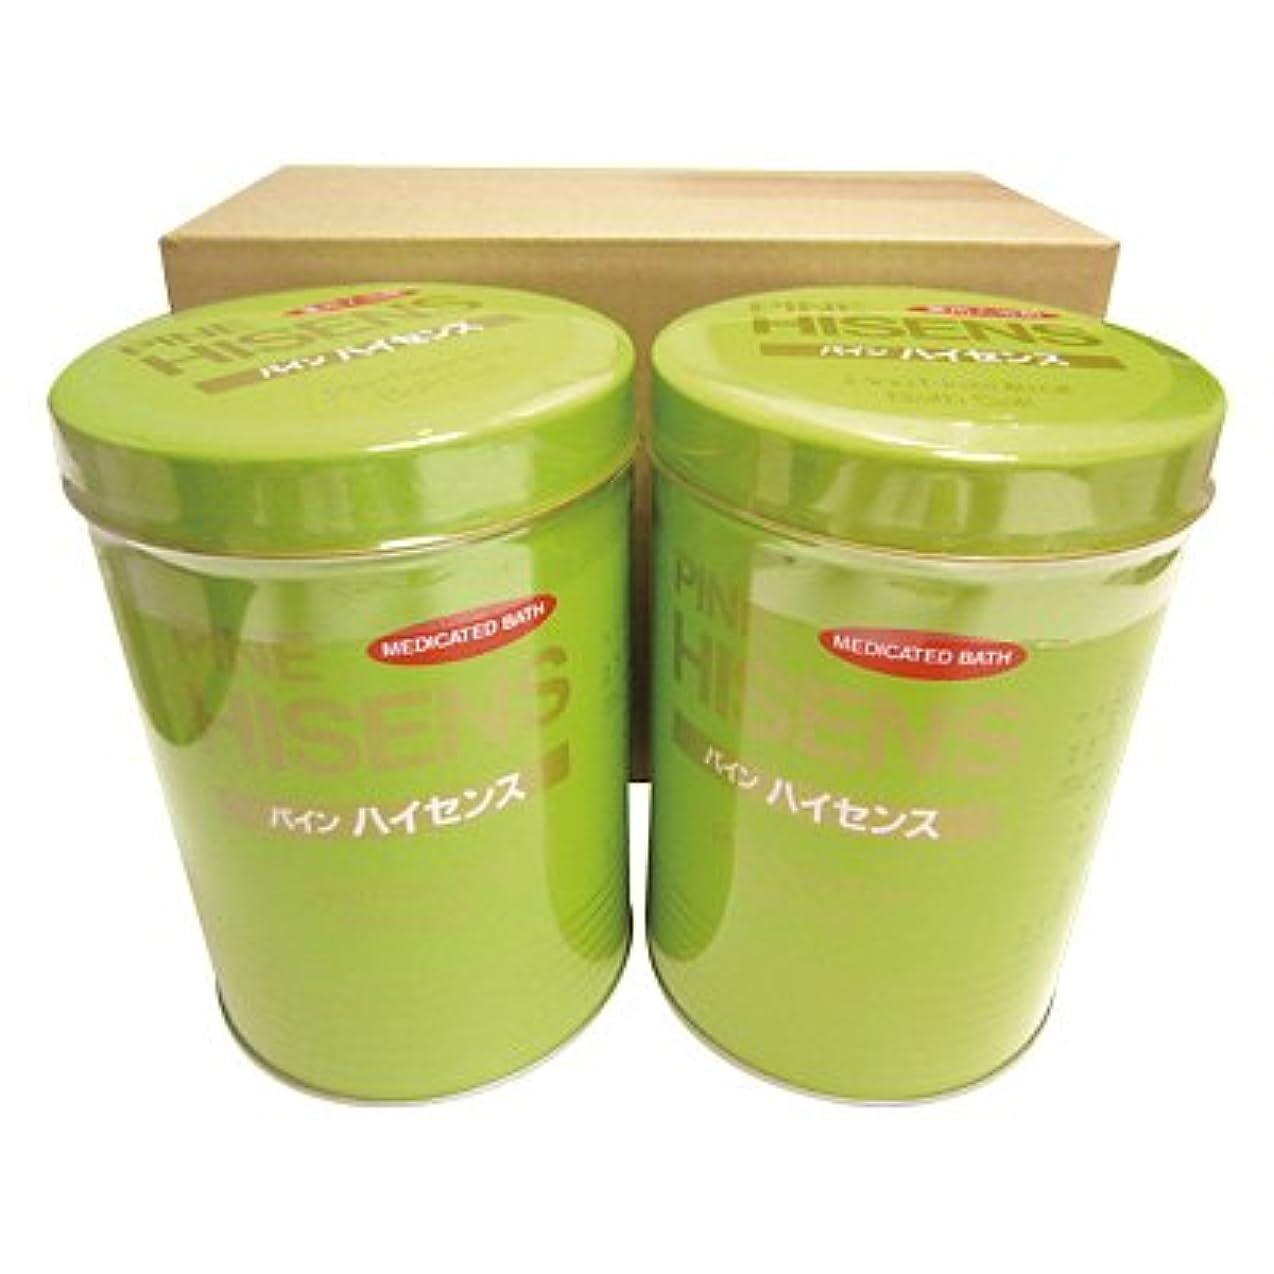 モール影車両高陽社 薬用入浴剤 パインハイセンス 2.1kg 2缶セット